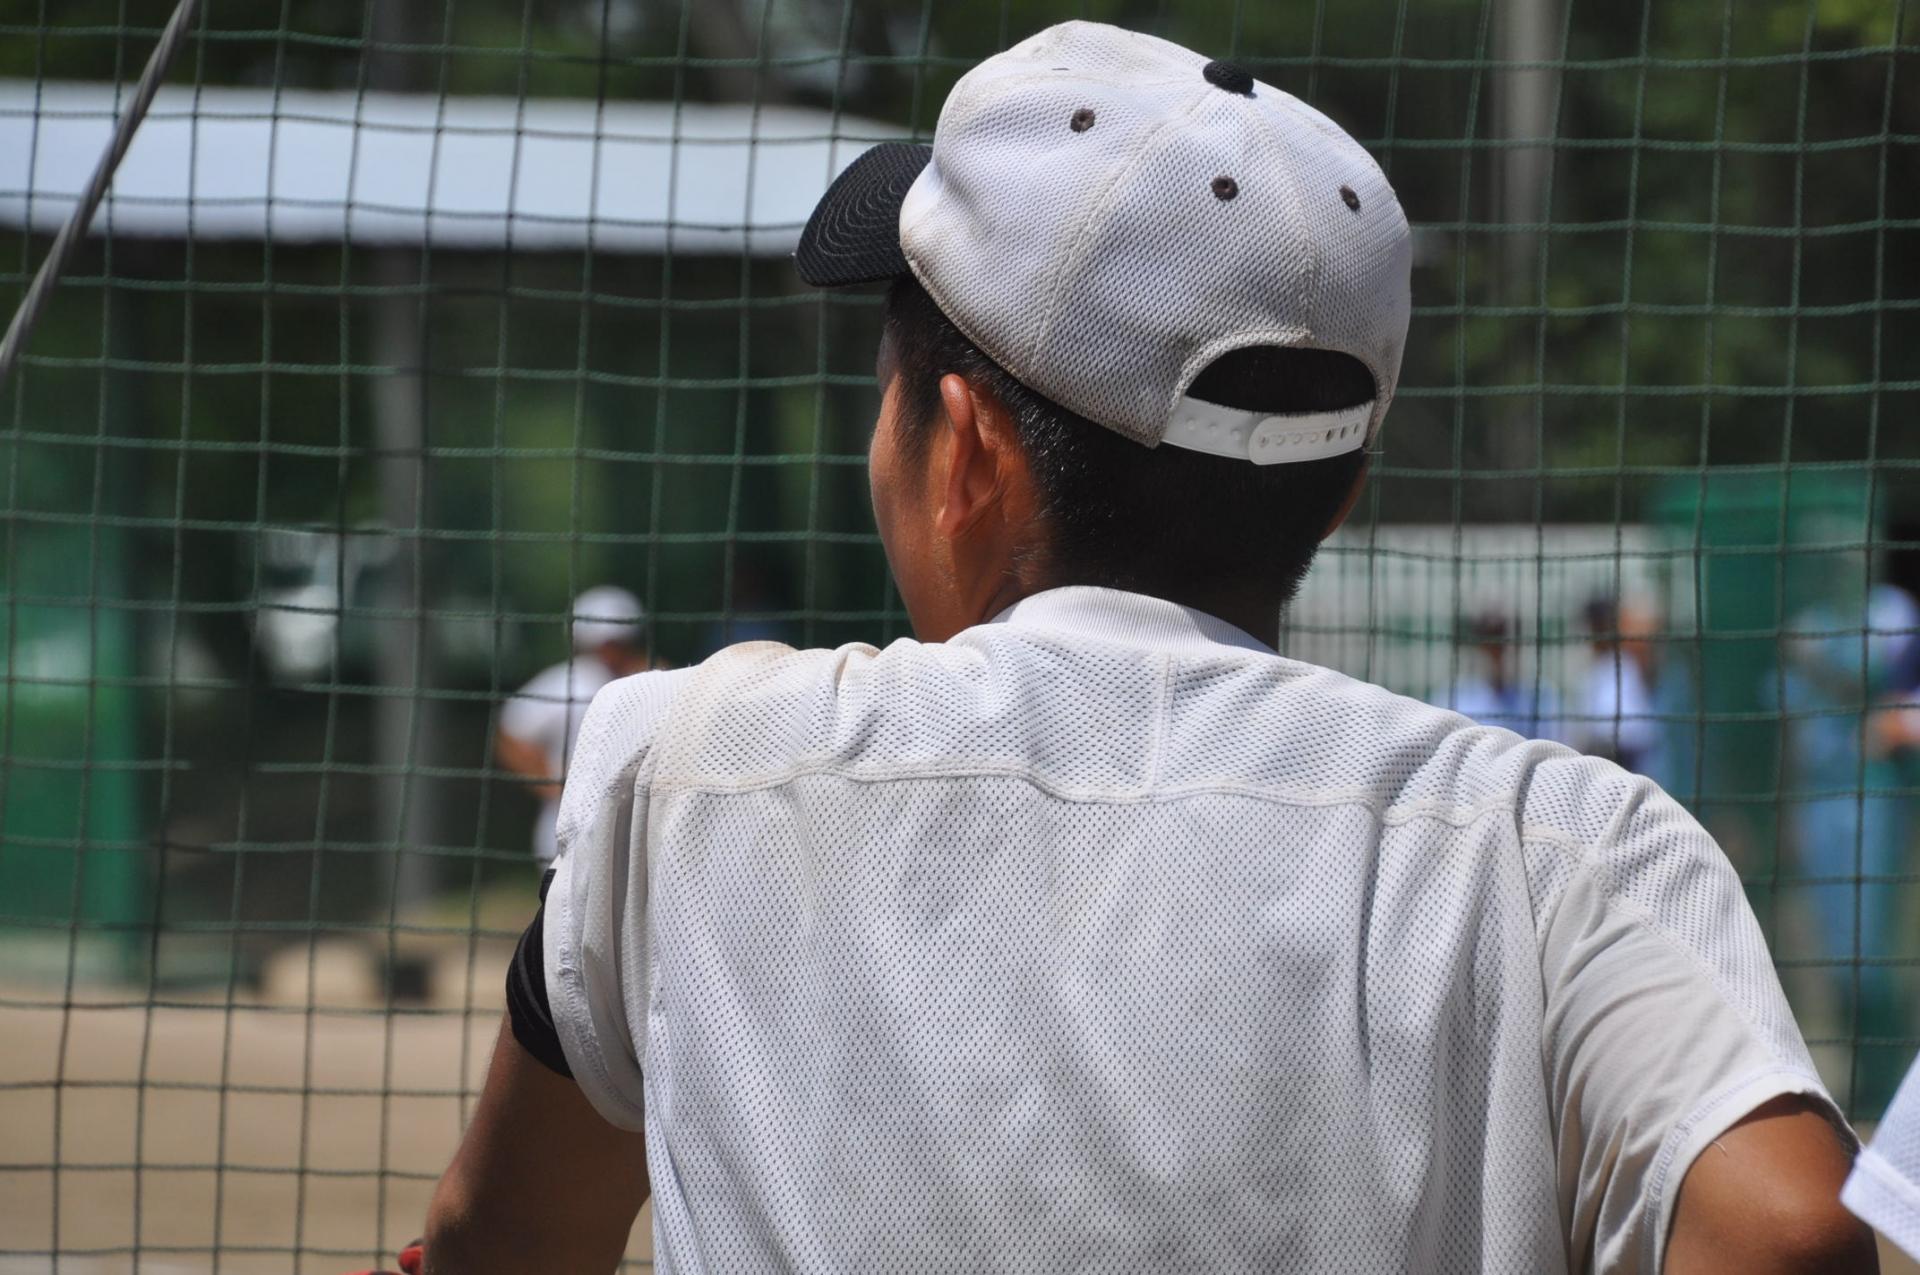 【簡単!家でもできる!】野球肘に効果的な腕と肩のストレッチ